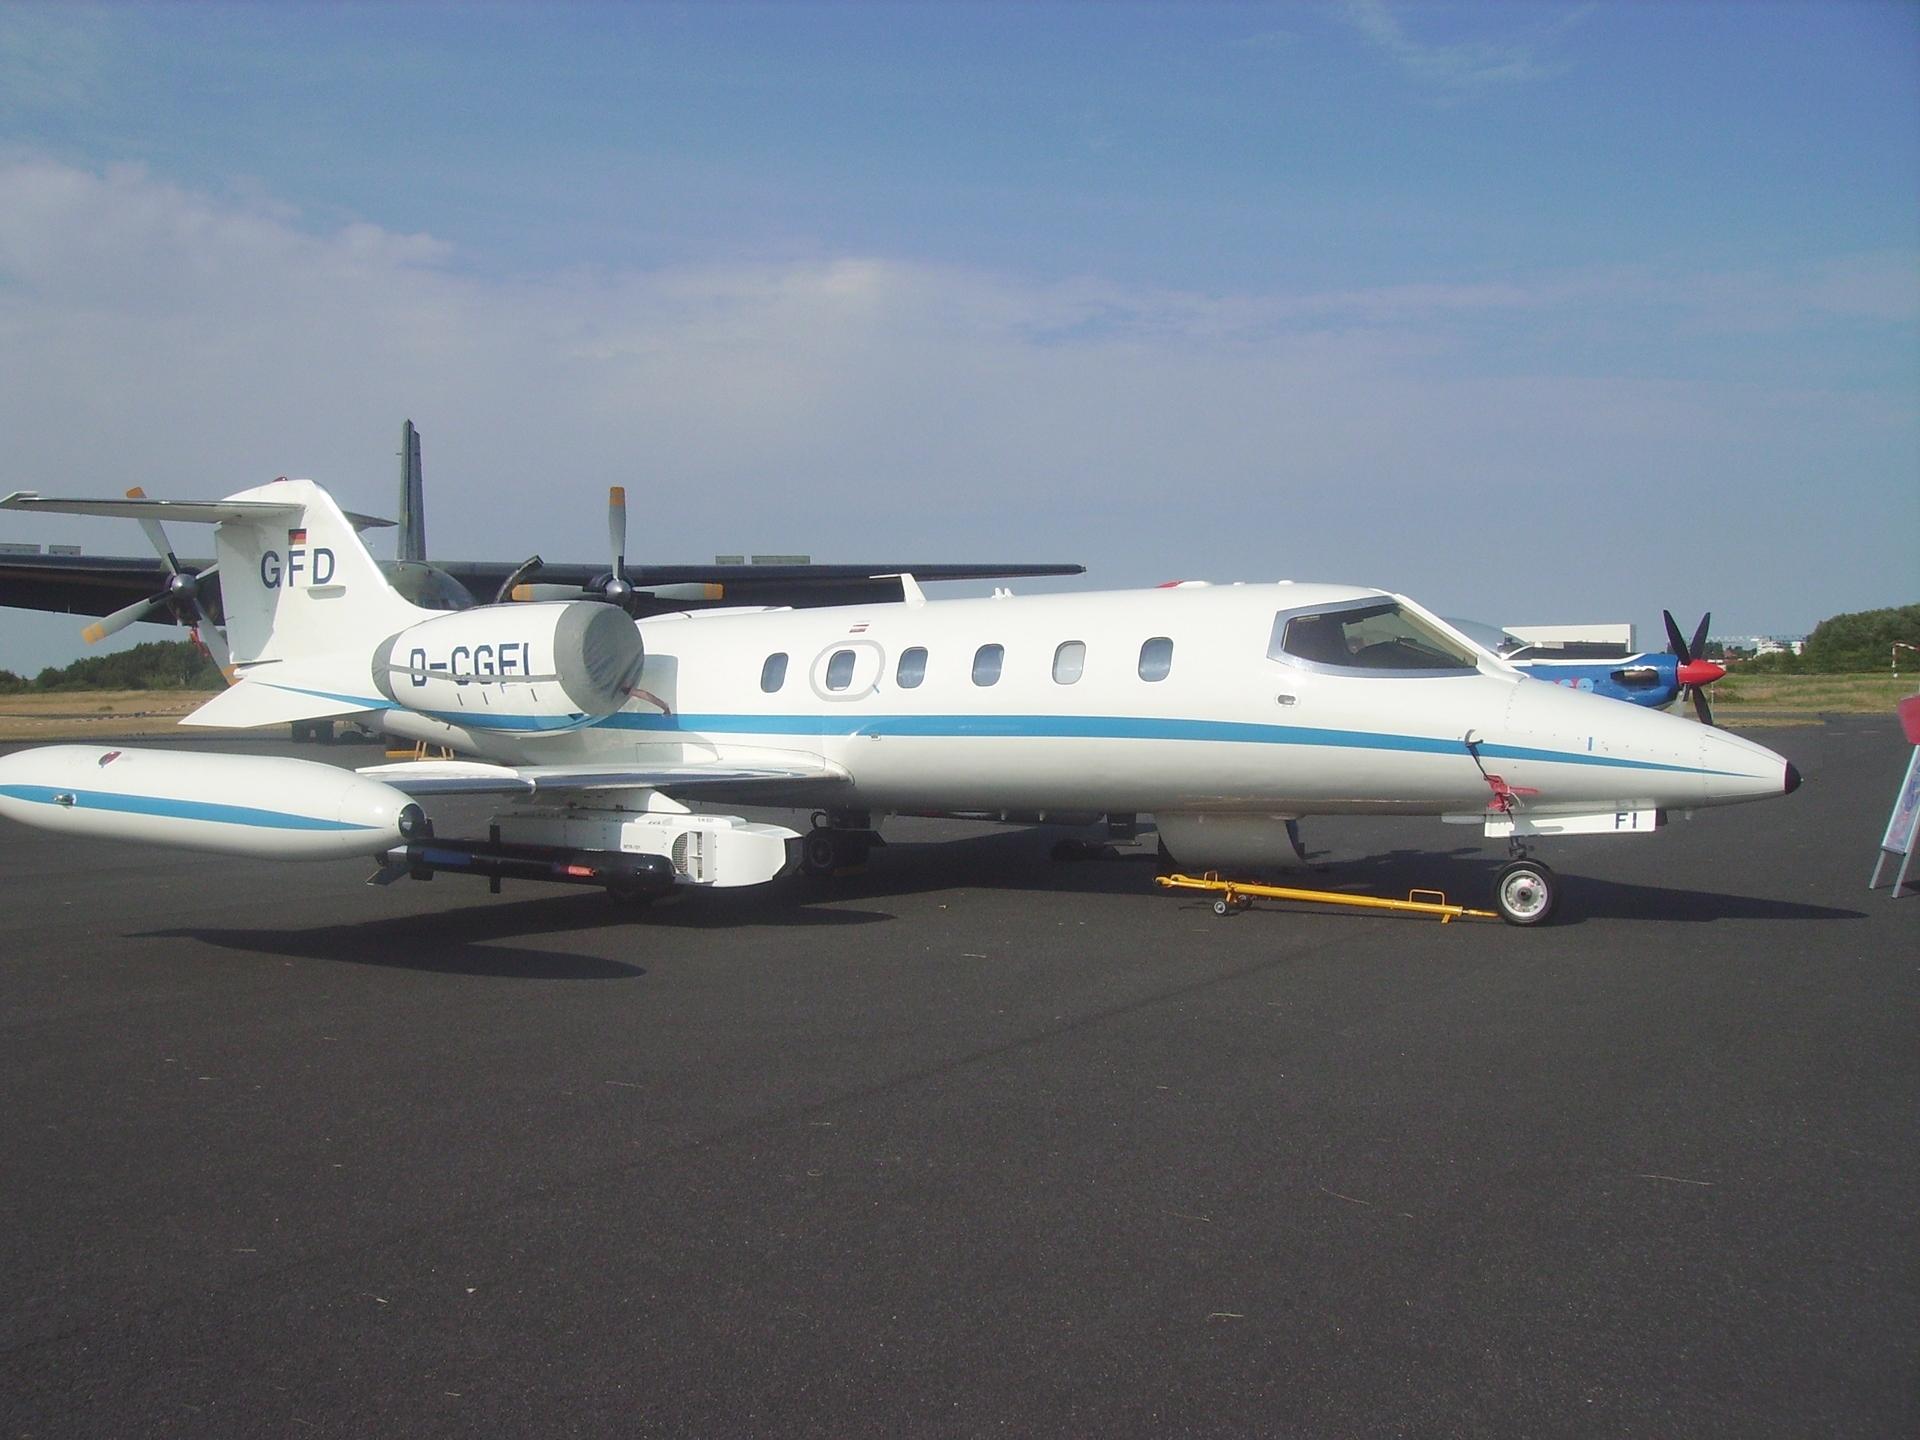 File:Learjet GFD.jpg - Wikimedia Commons